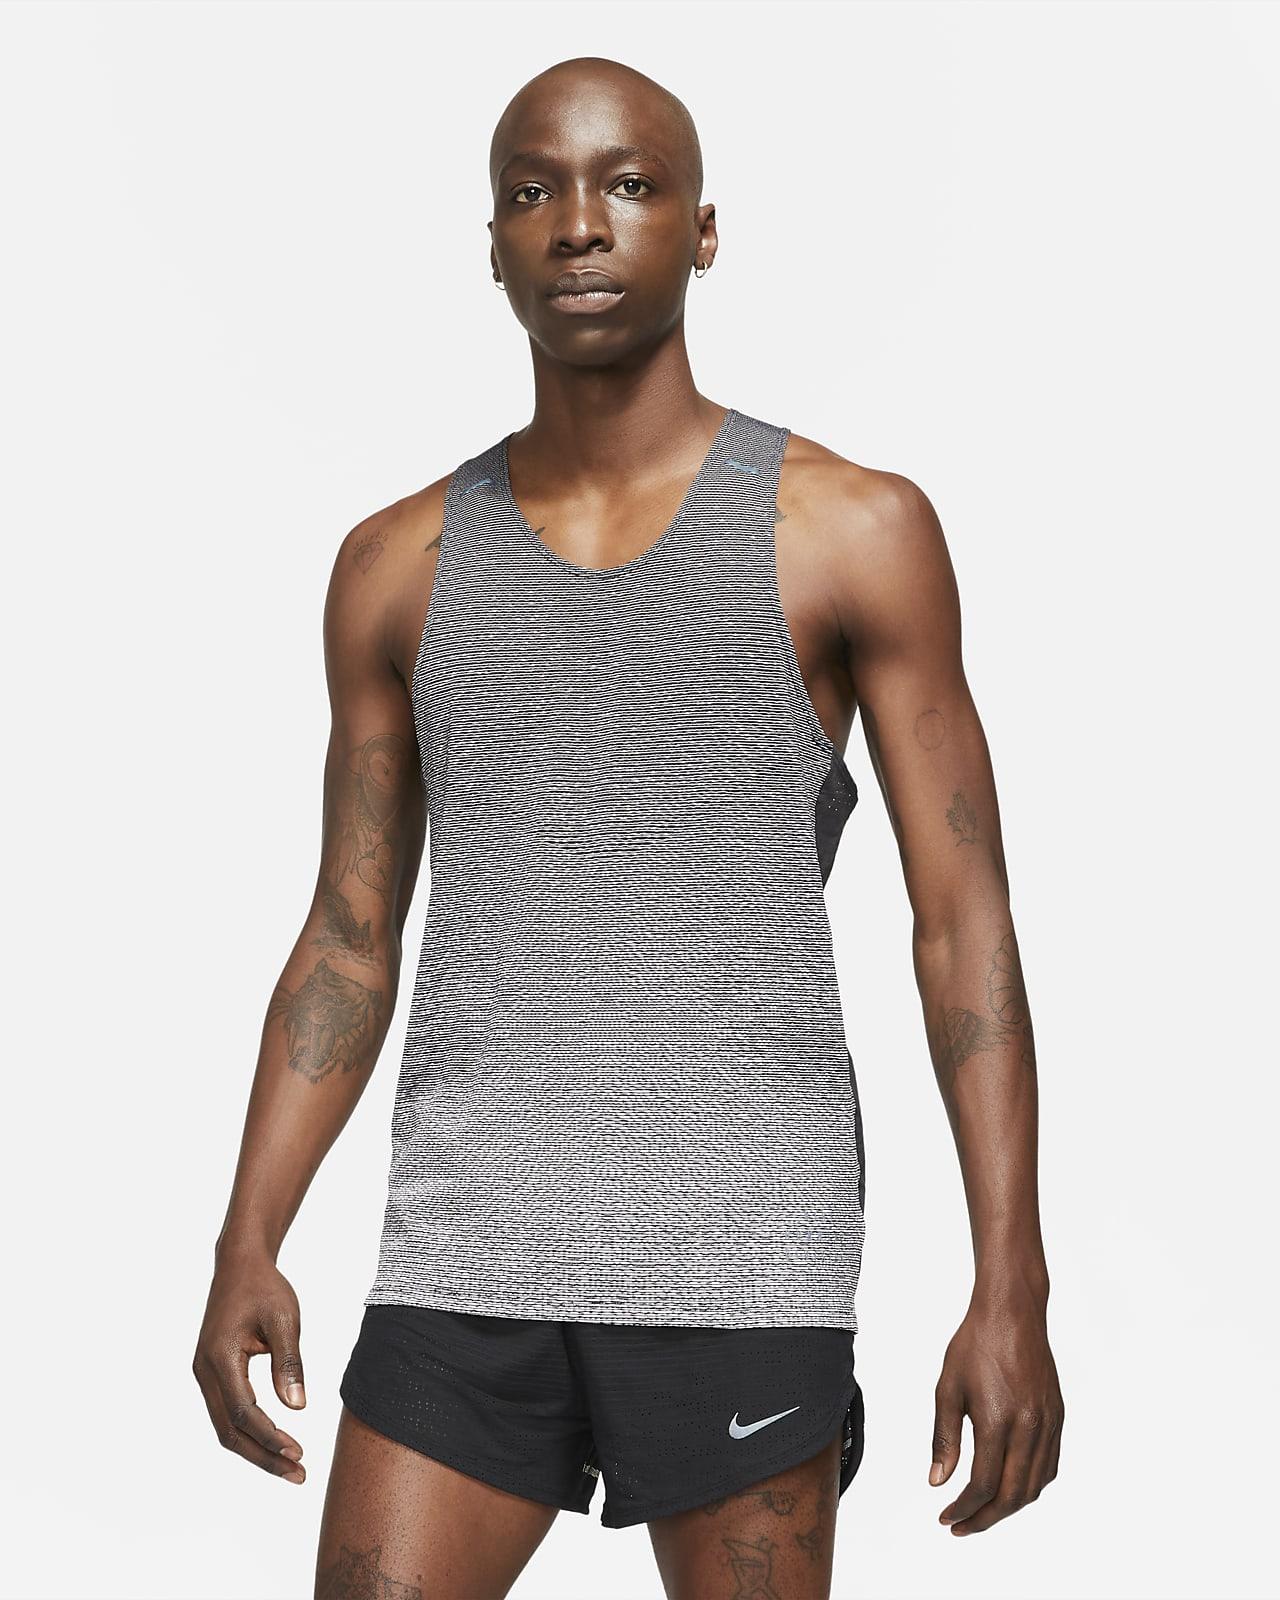 เสื้อกล้ามวิ่งผู้ชาย Nike Run Division Pinnacle